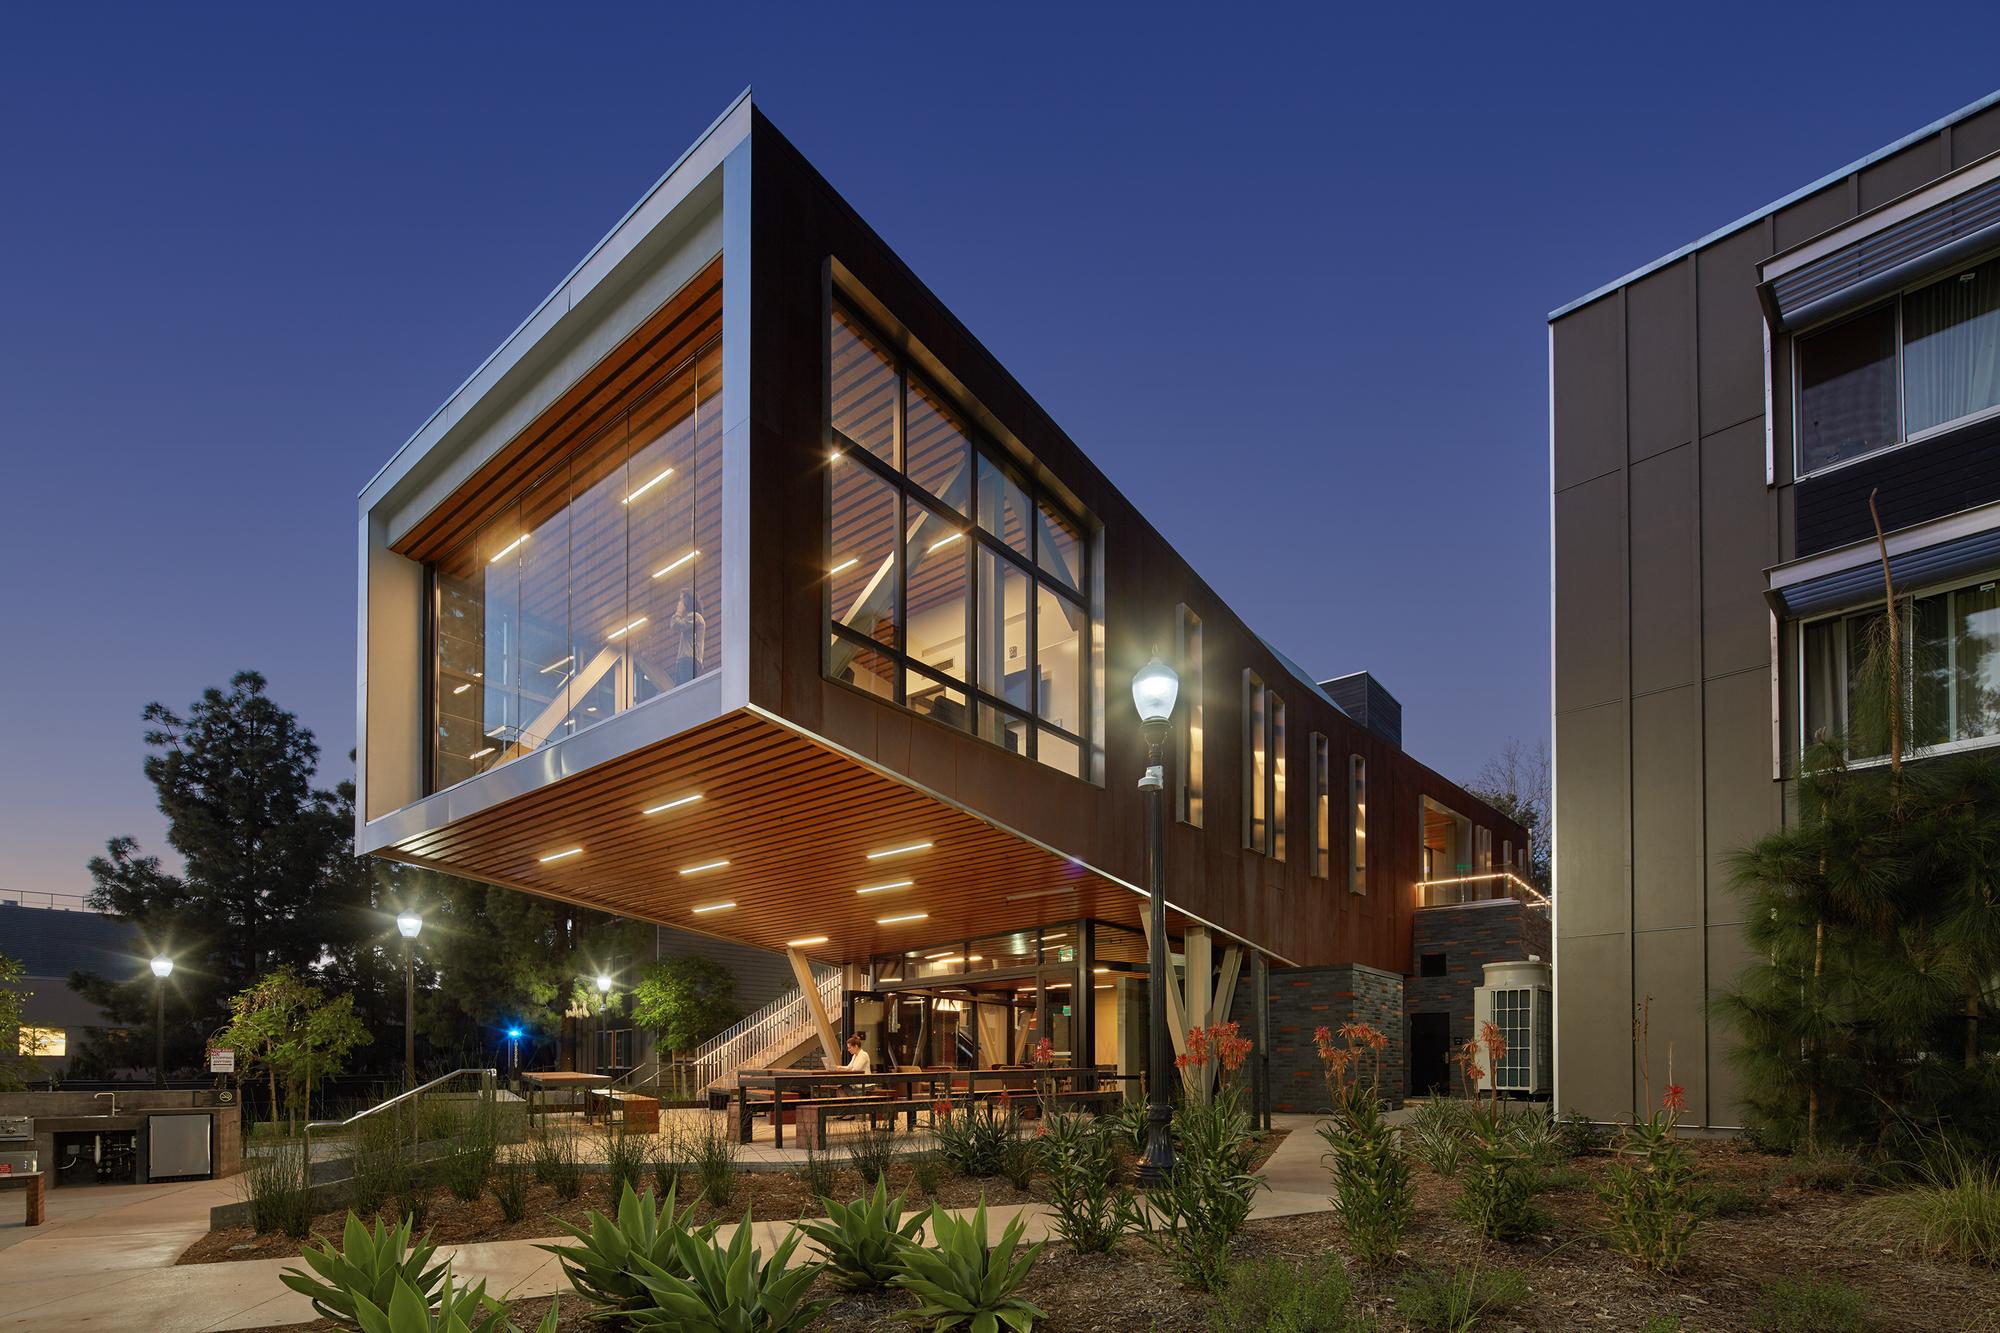 ucla saxon suites studio e architects [ 2000 x 1333 Pixel ]